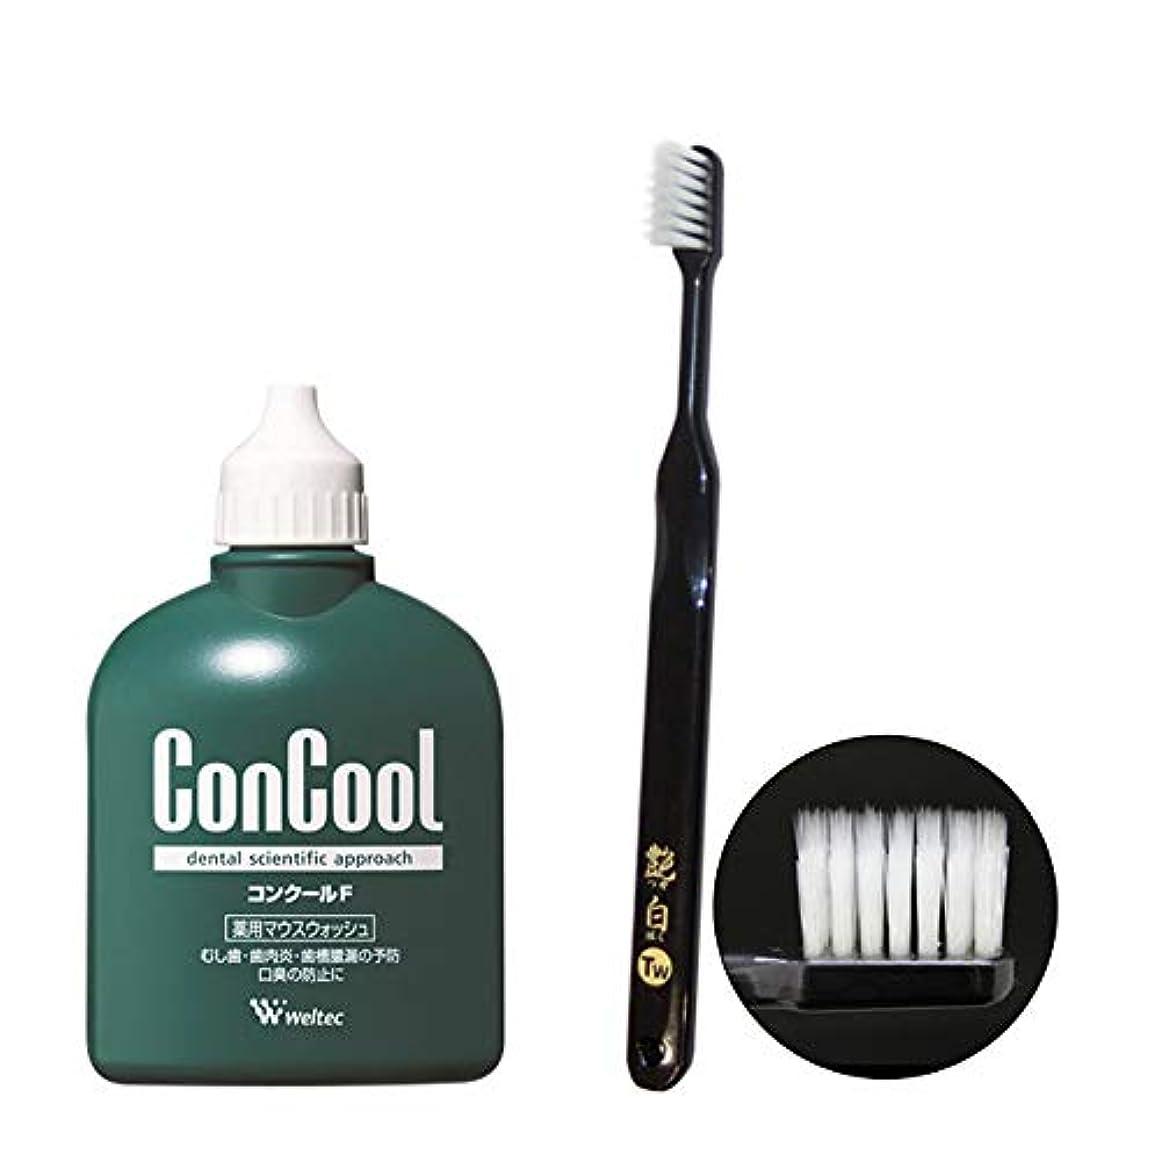 やめる信頼性のある慣れているコンクールF 100ml×1個 + 艶白 Tw ツイン (二段植毛) 歯ブラシ×1本 MS(やややわらかめ) 日本製 歯科専売品